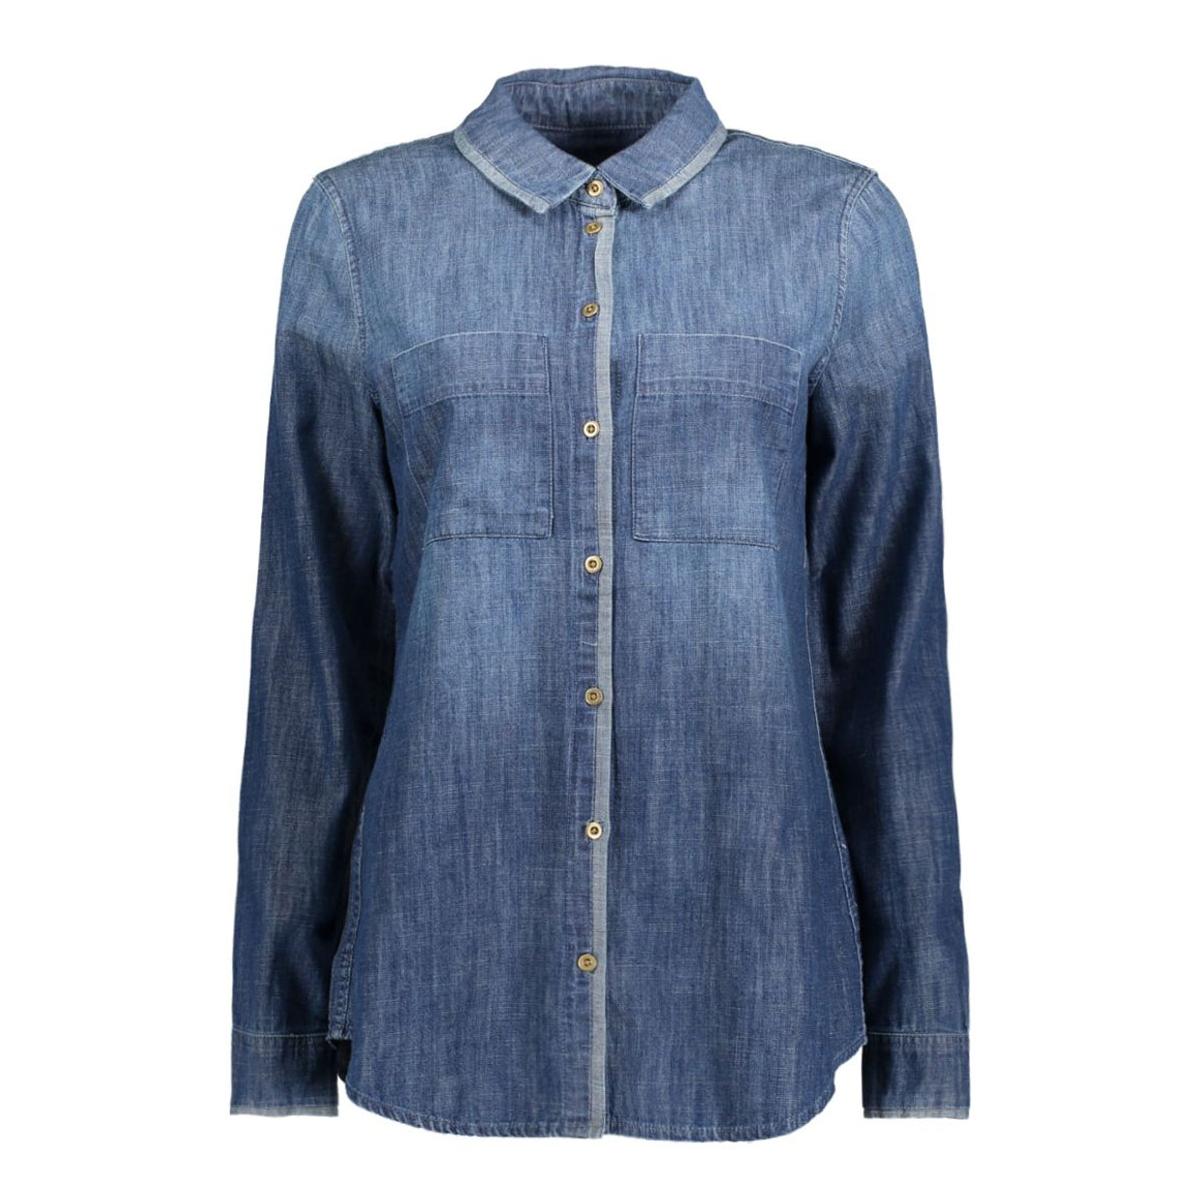 106cc1f015 edc blouse c902